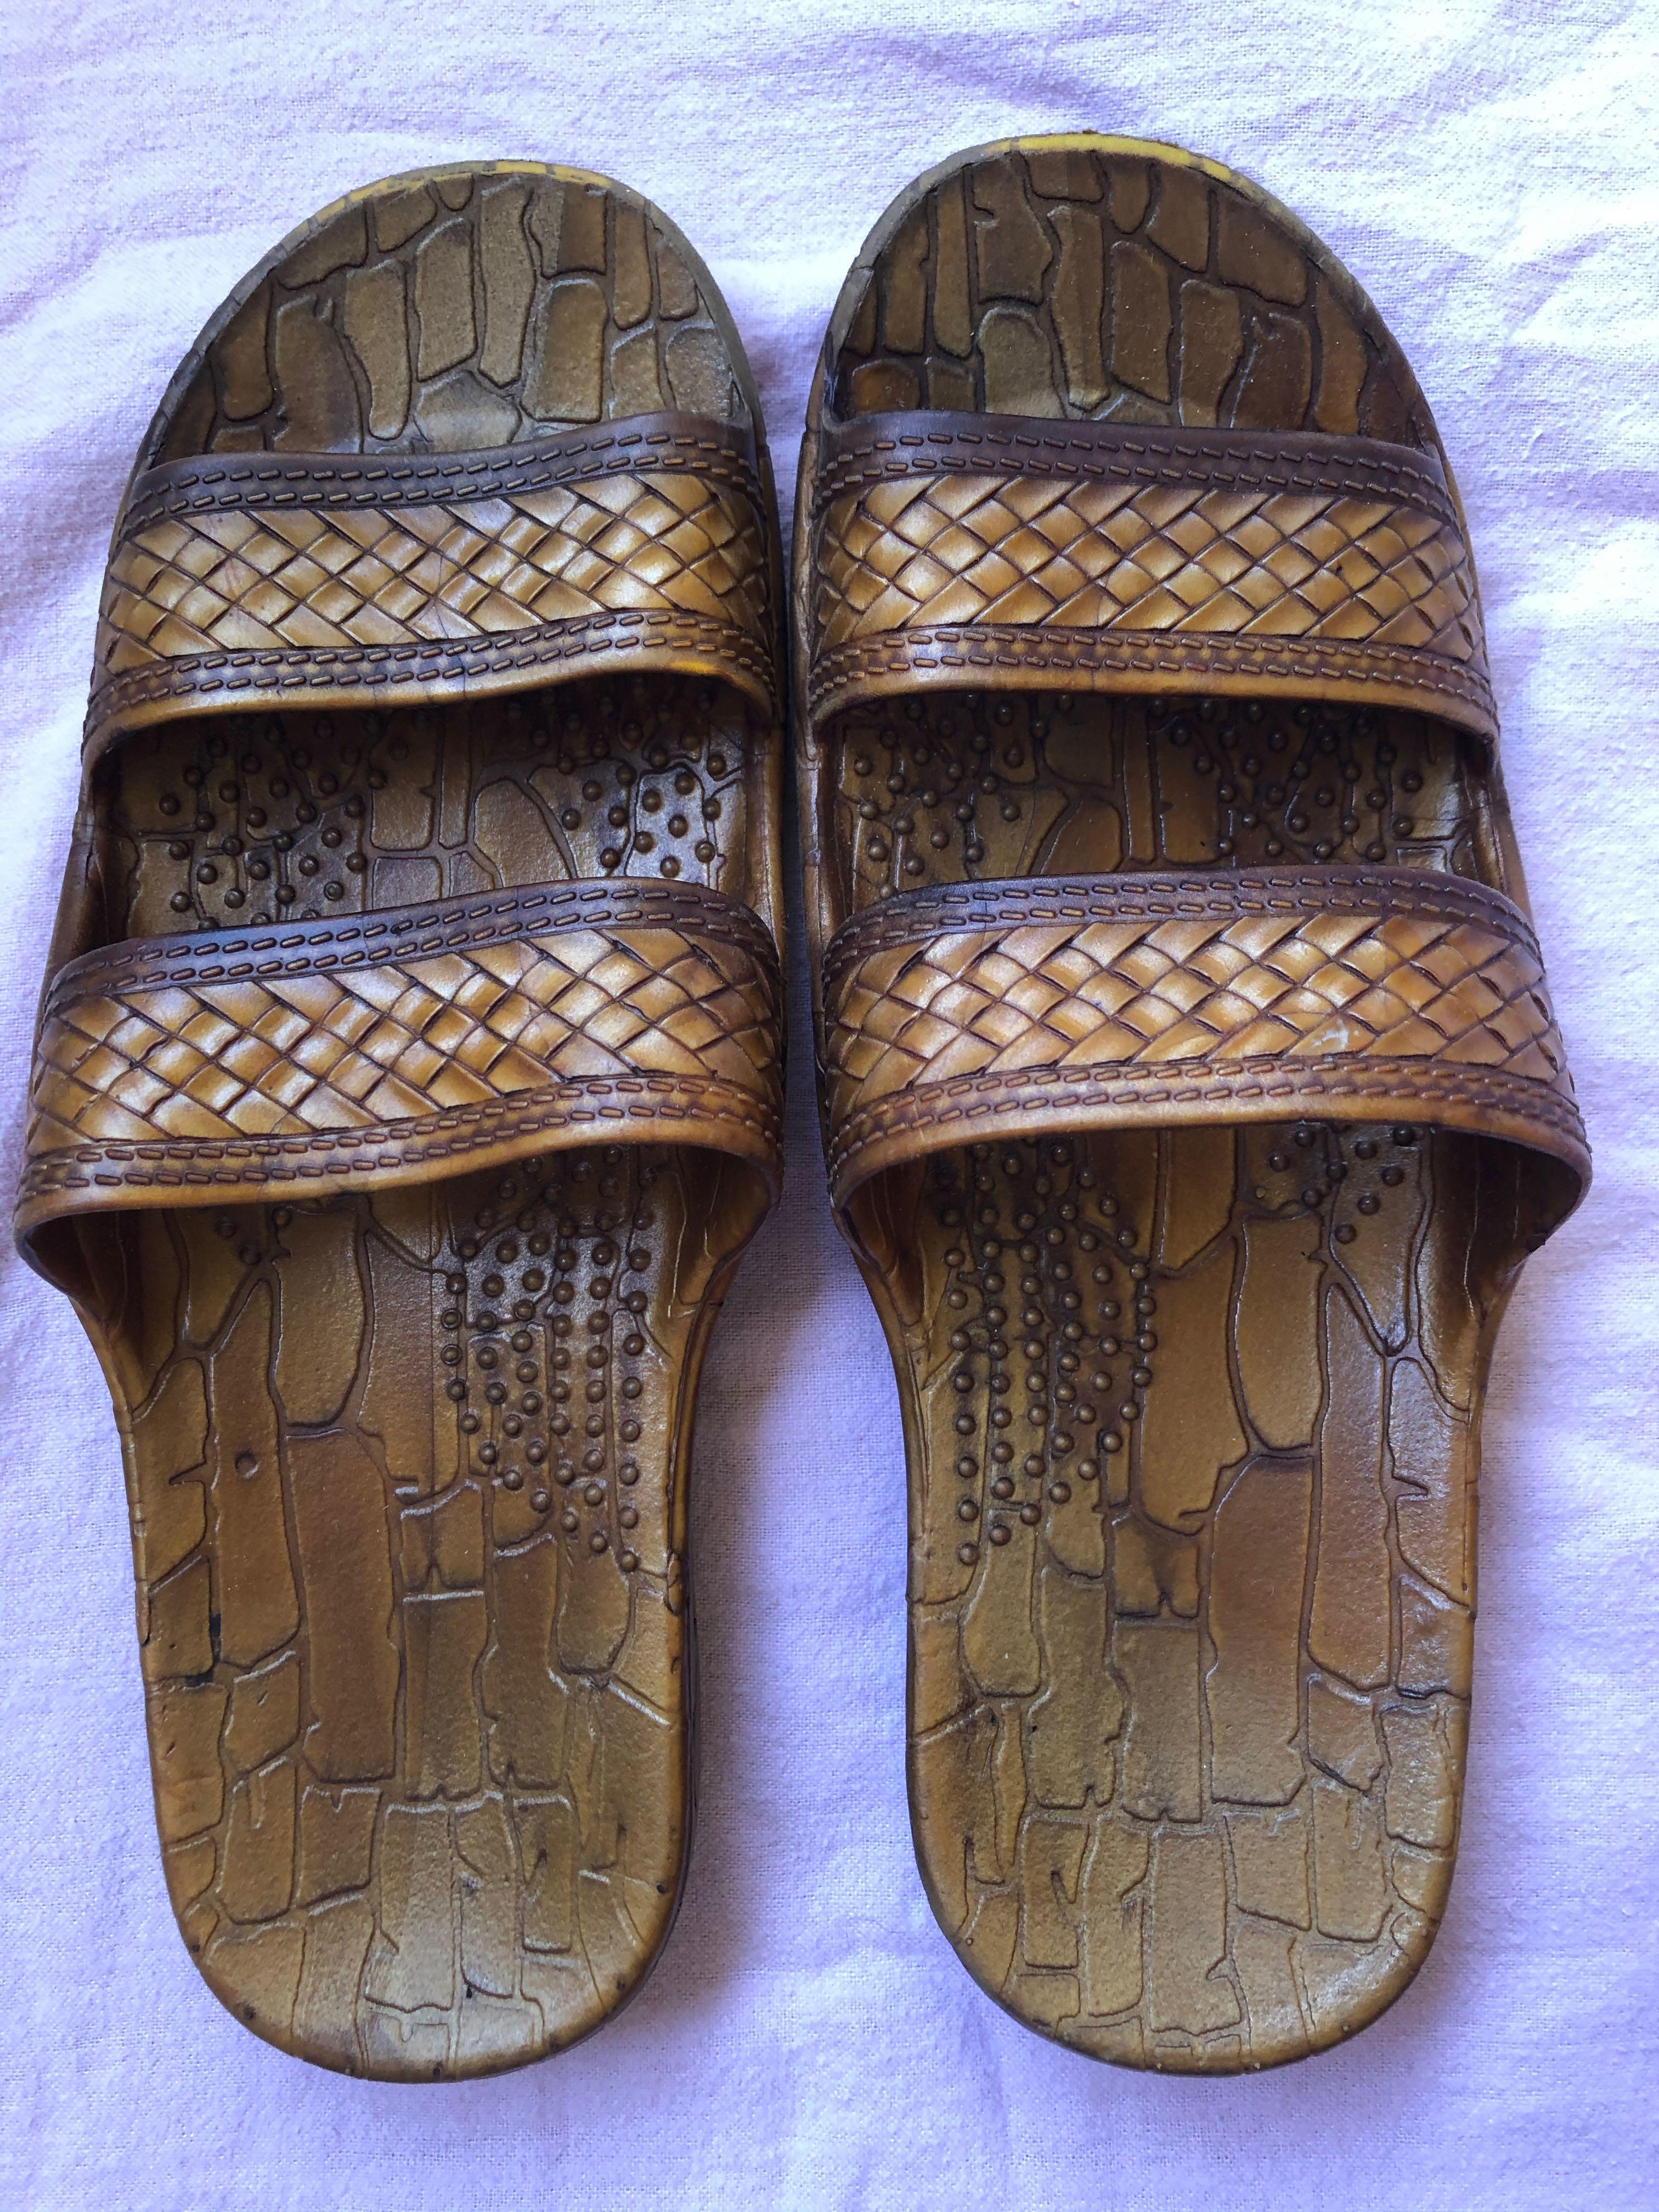 Jesus sandals size 9